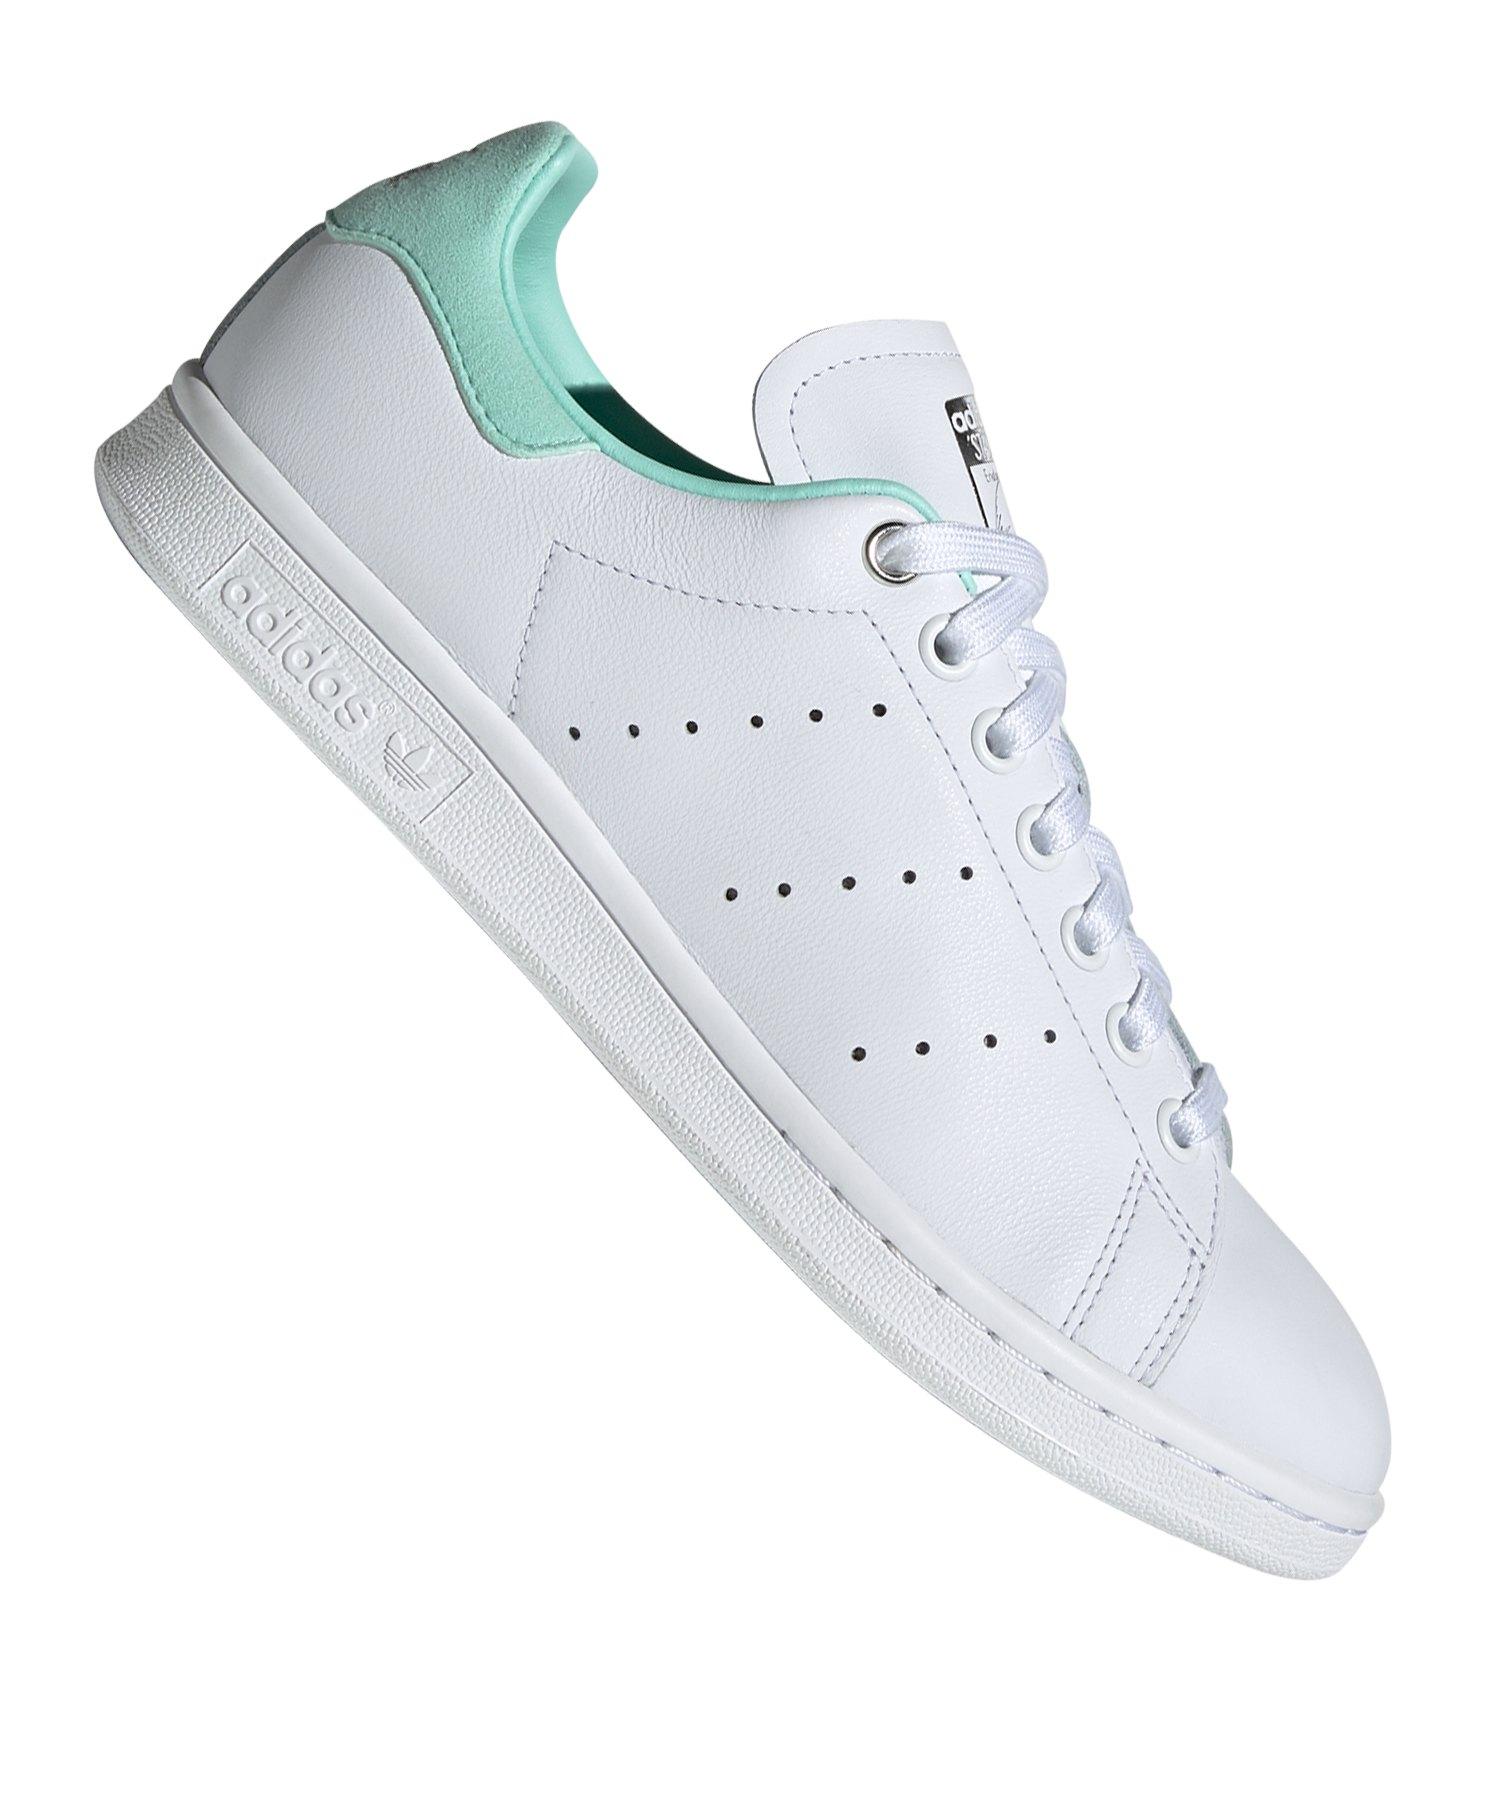 Damen Adidas Stan Smith Weiß Rot , Adidas Herrenschuhe